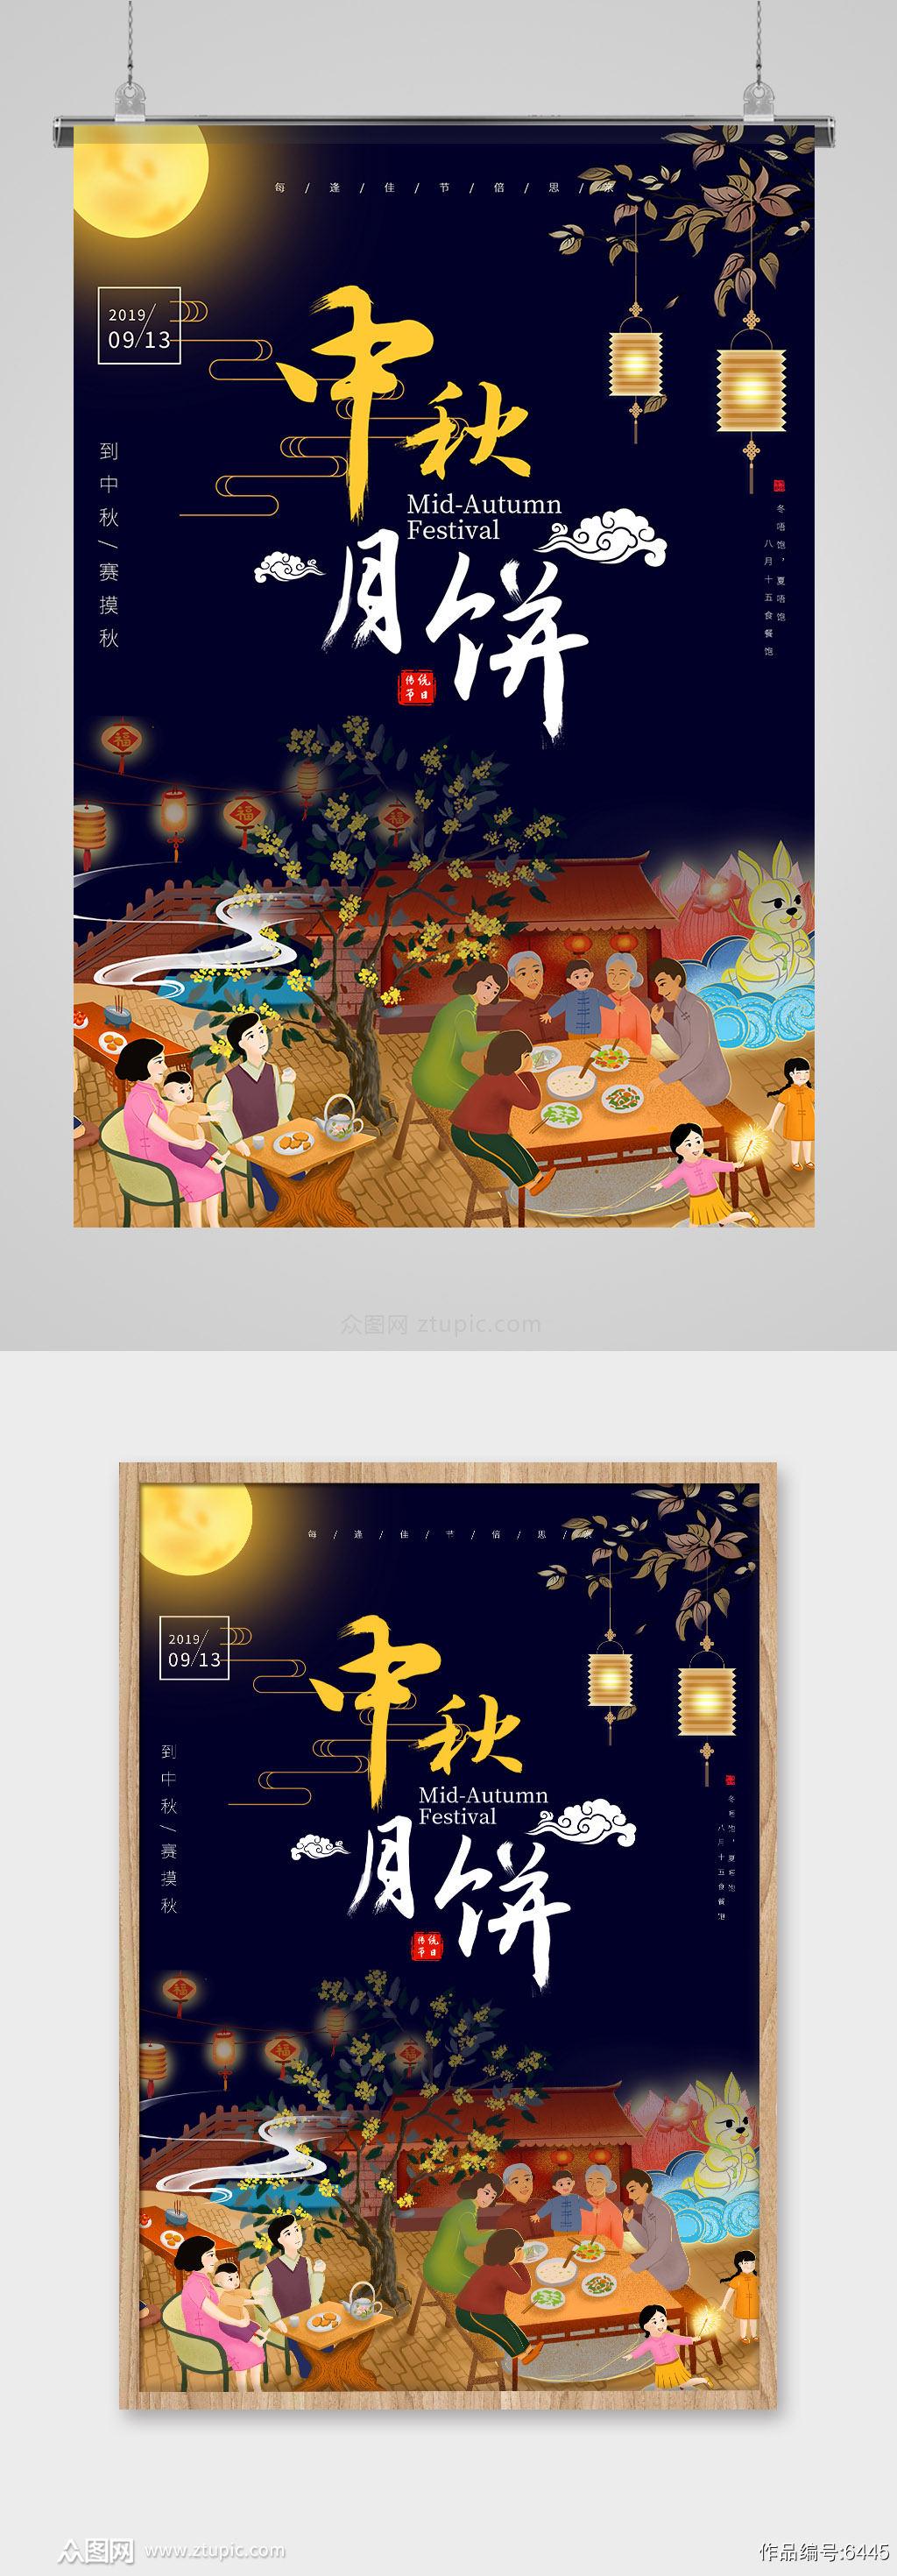 原创手绘中秋海报素材